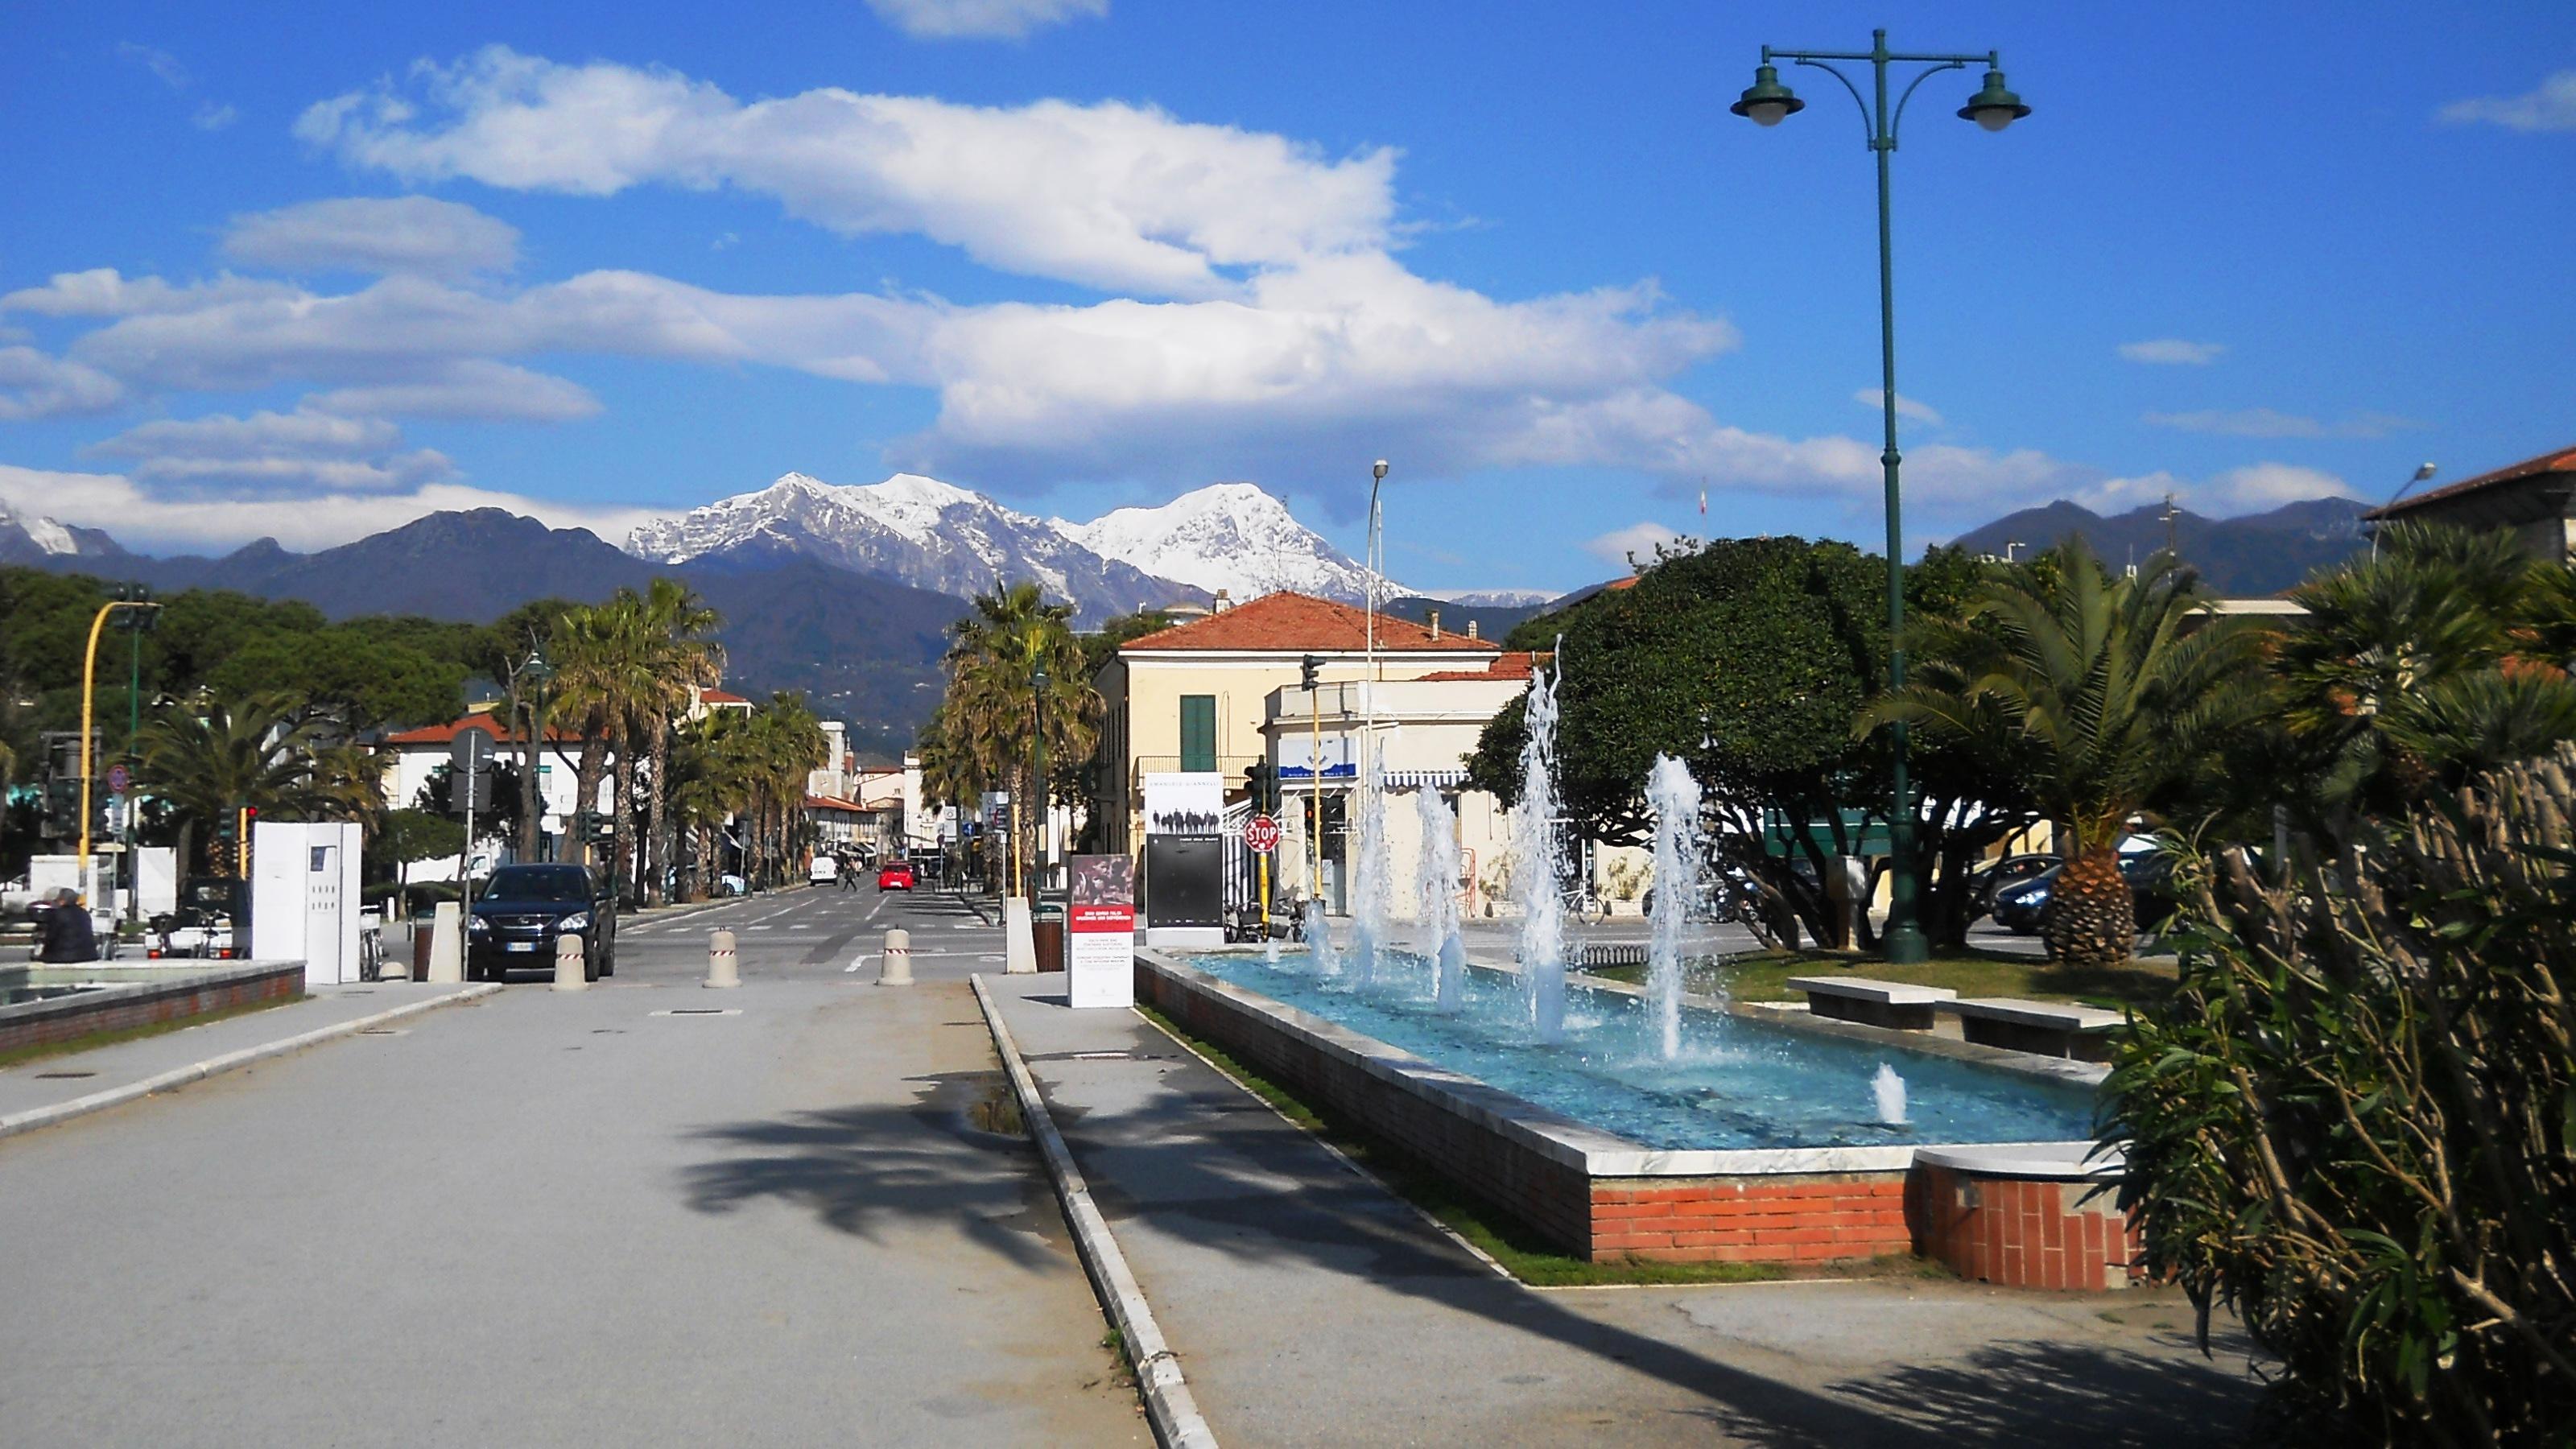 vedute-da-forte-dei-marmi-6-3-2014-0041